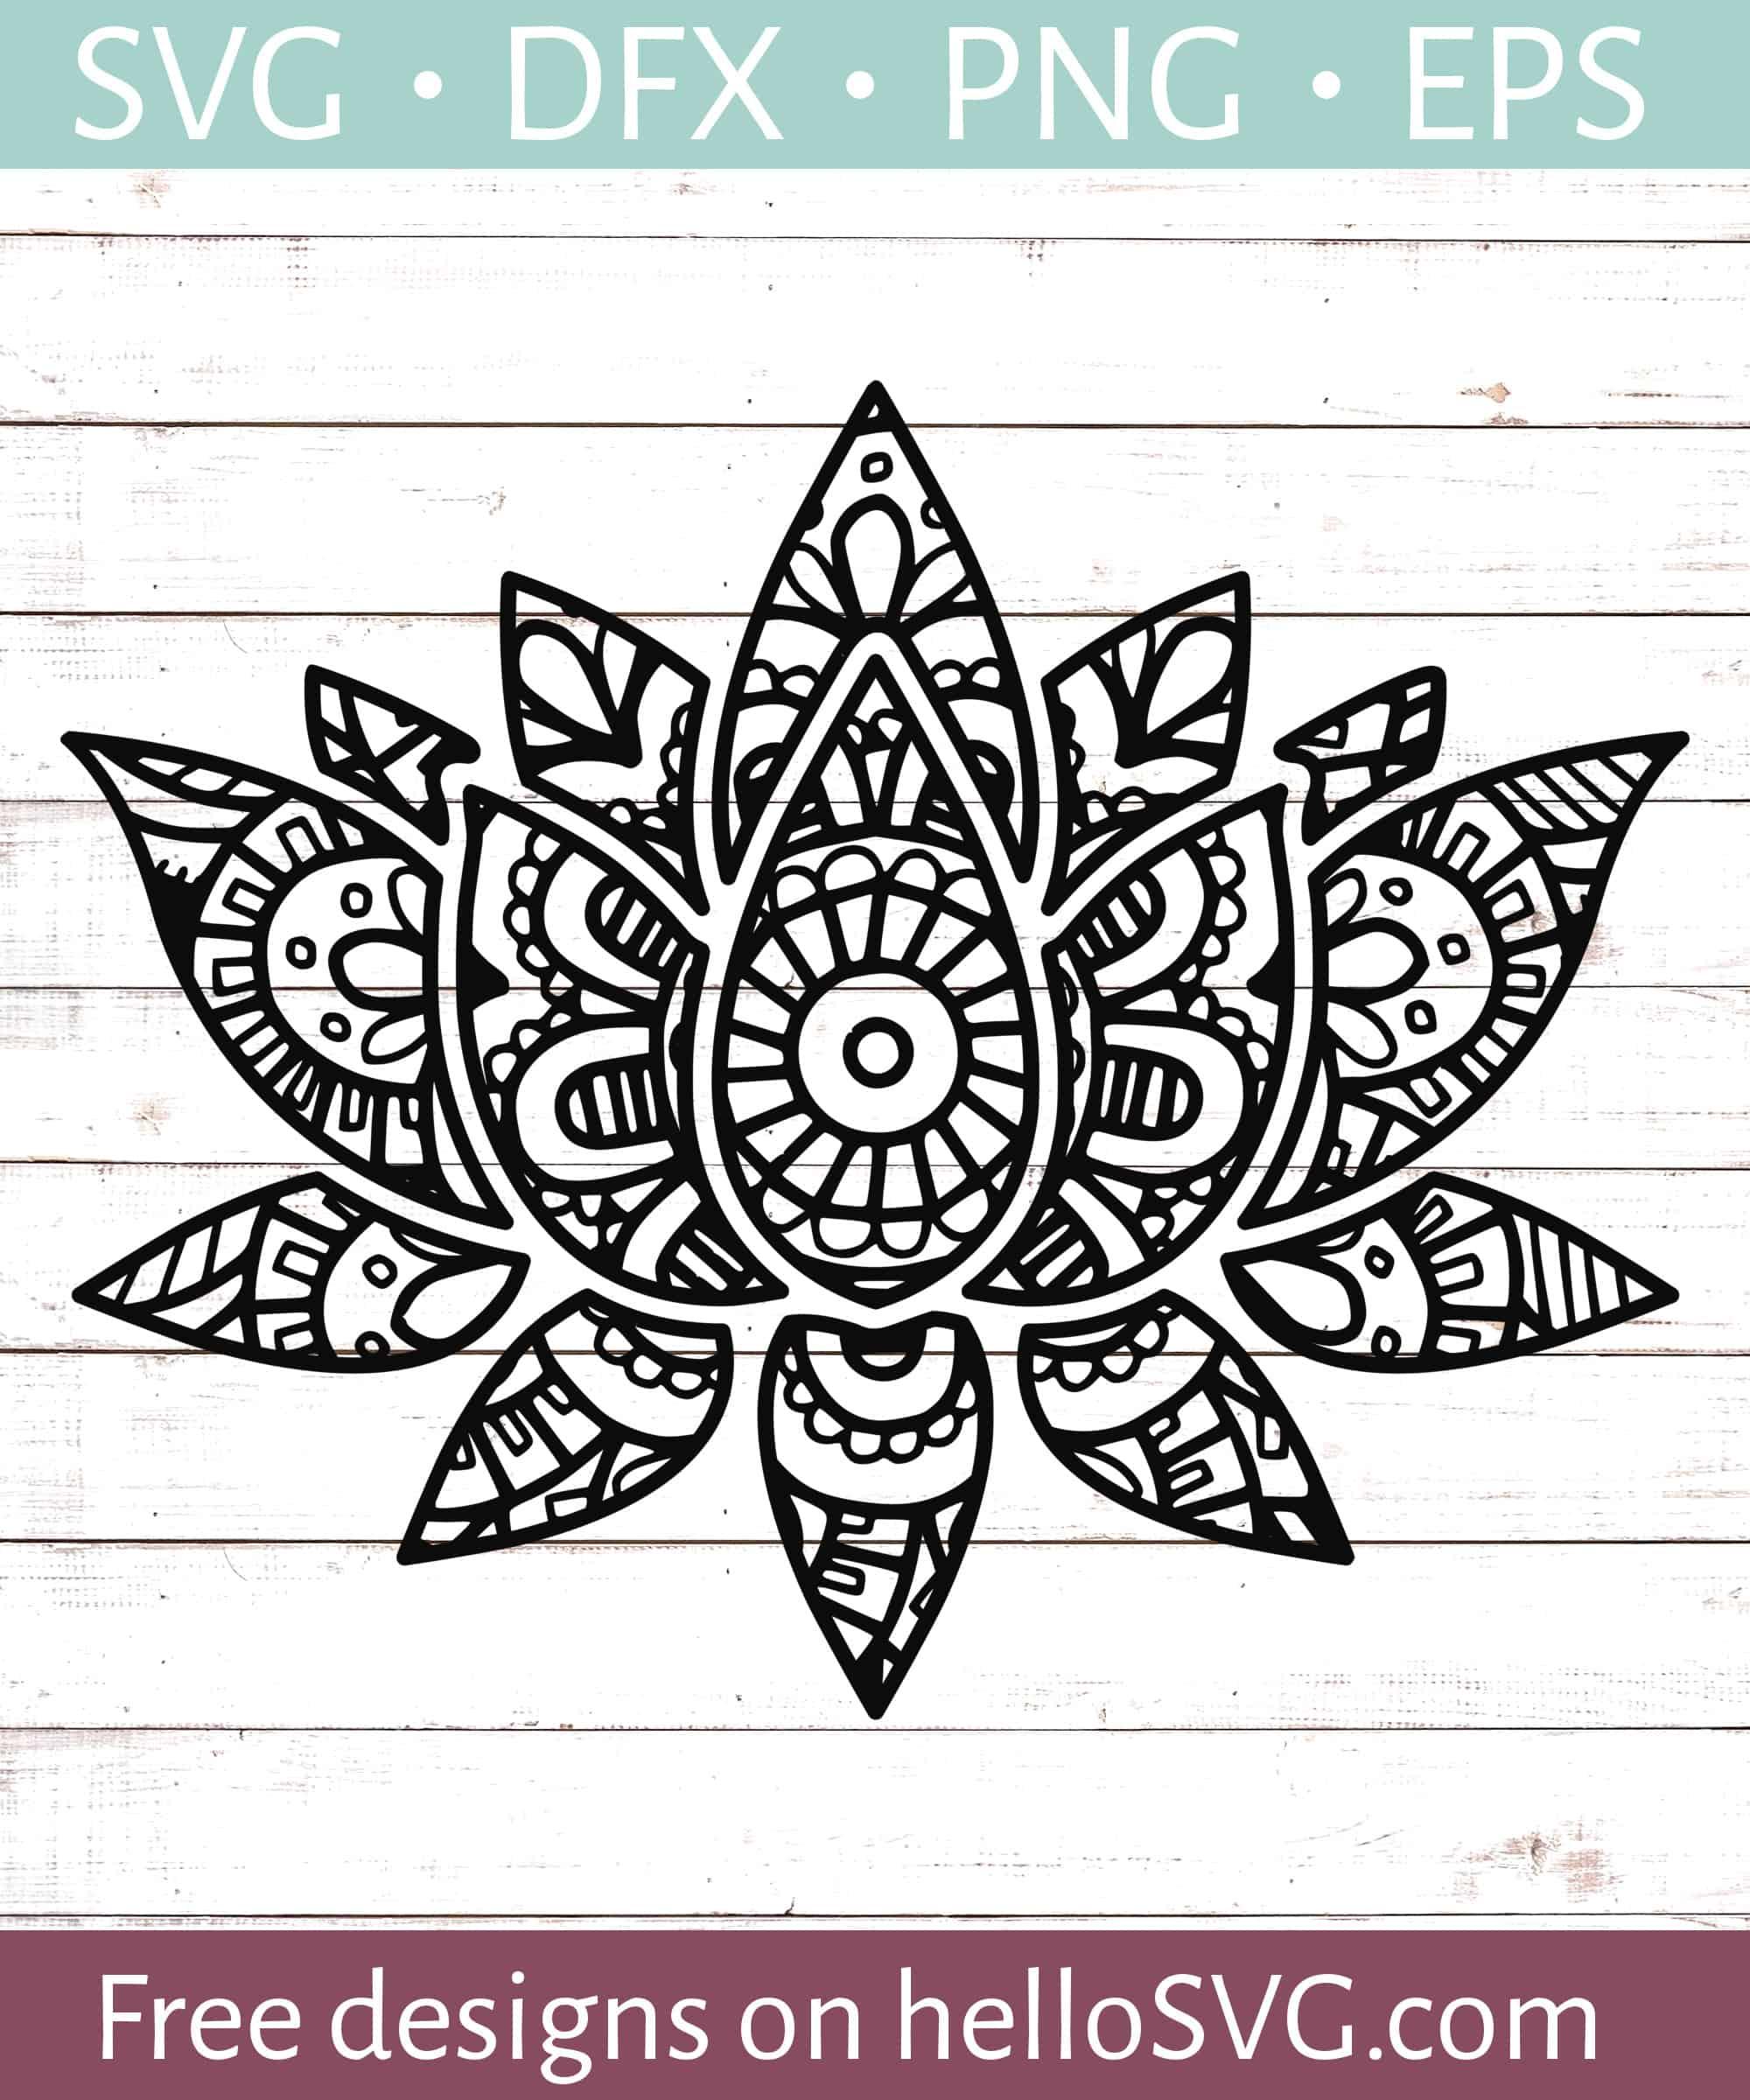 Mandala Svg Free Download : mandala, download, Mandala, Style, Lotus, Flower, Files, HelloSVG.com